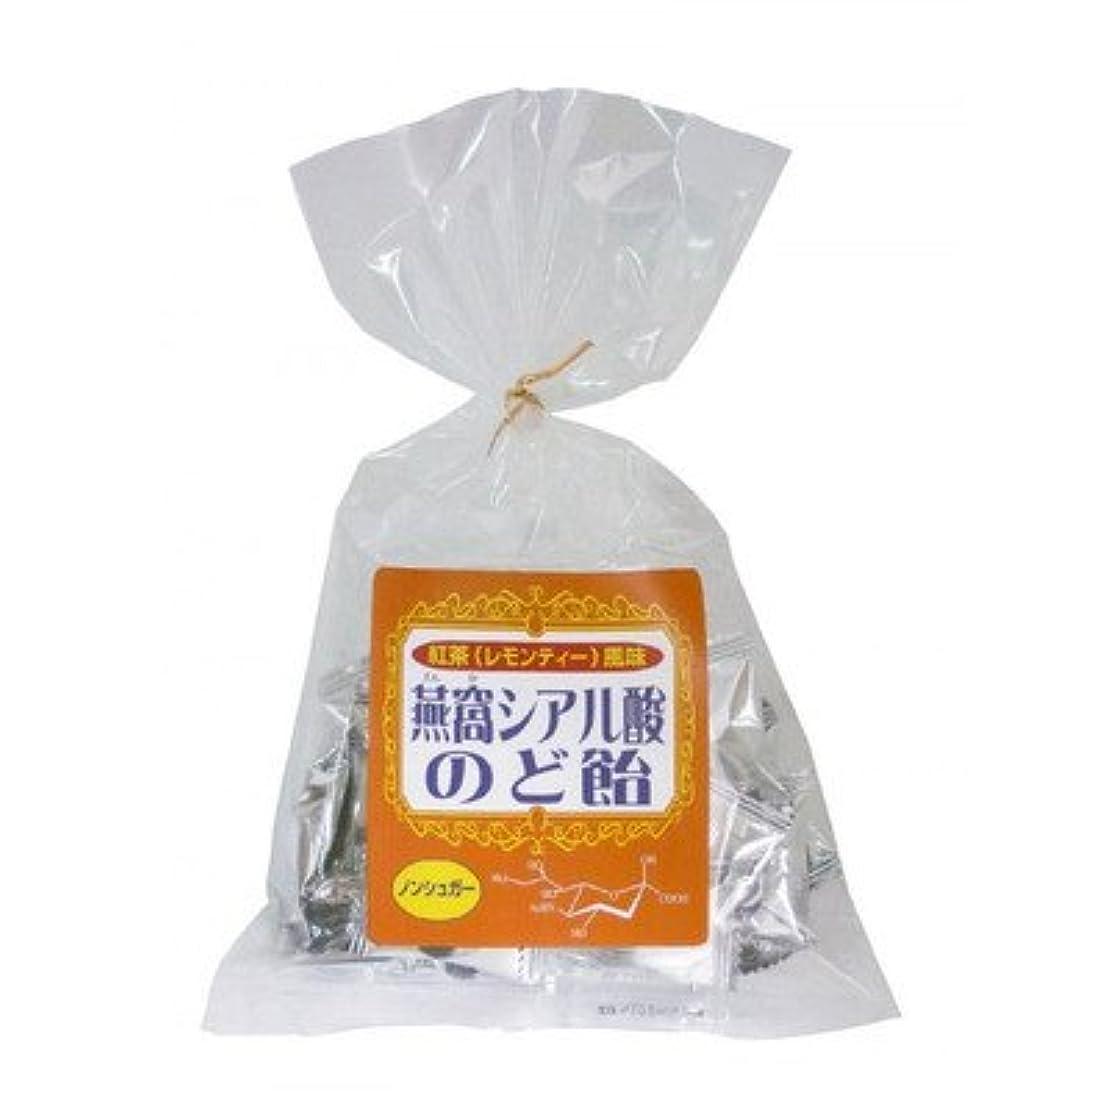 飢饉なくなるボルト燕窩シアル酸のど飴ノンシュガー 紅茶(レモンティー)風味 87g×3袋